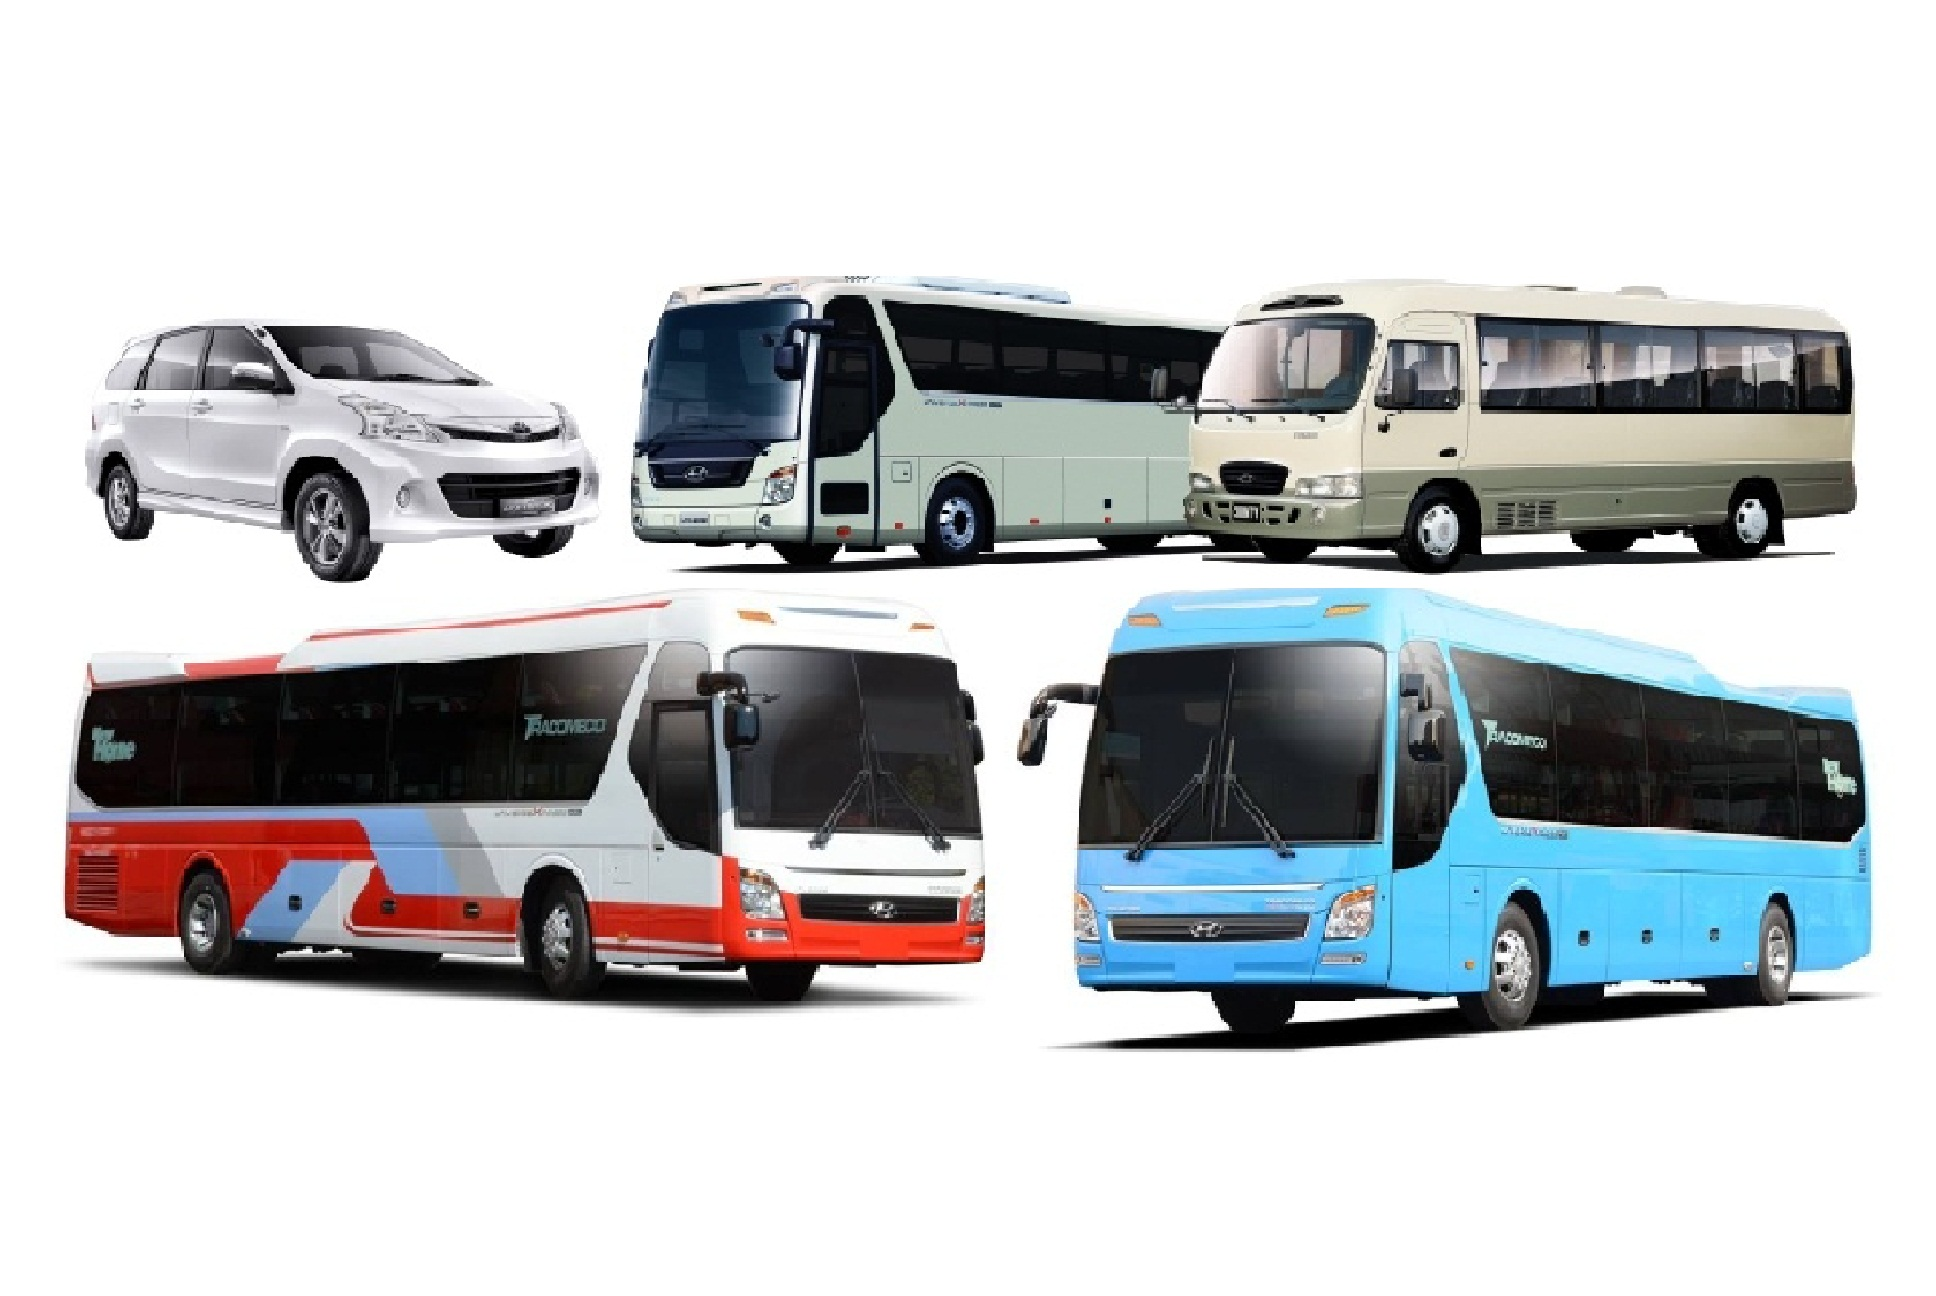 Cần so sánh ưu và nhược điểm khi thuê xe du lịch TPHCM để có quyết định đúng đắn